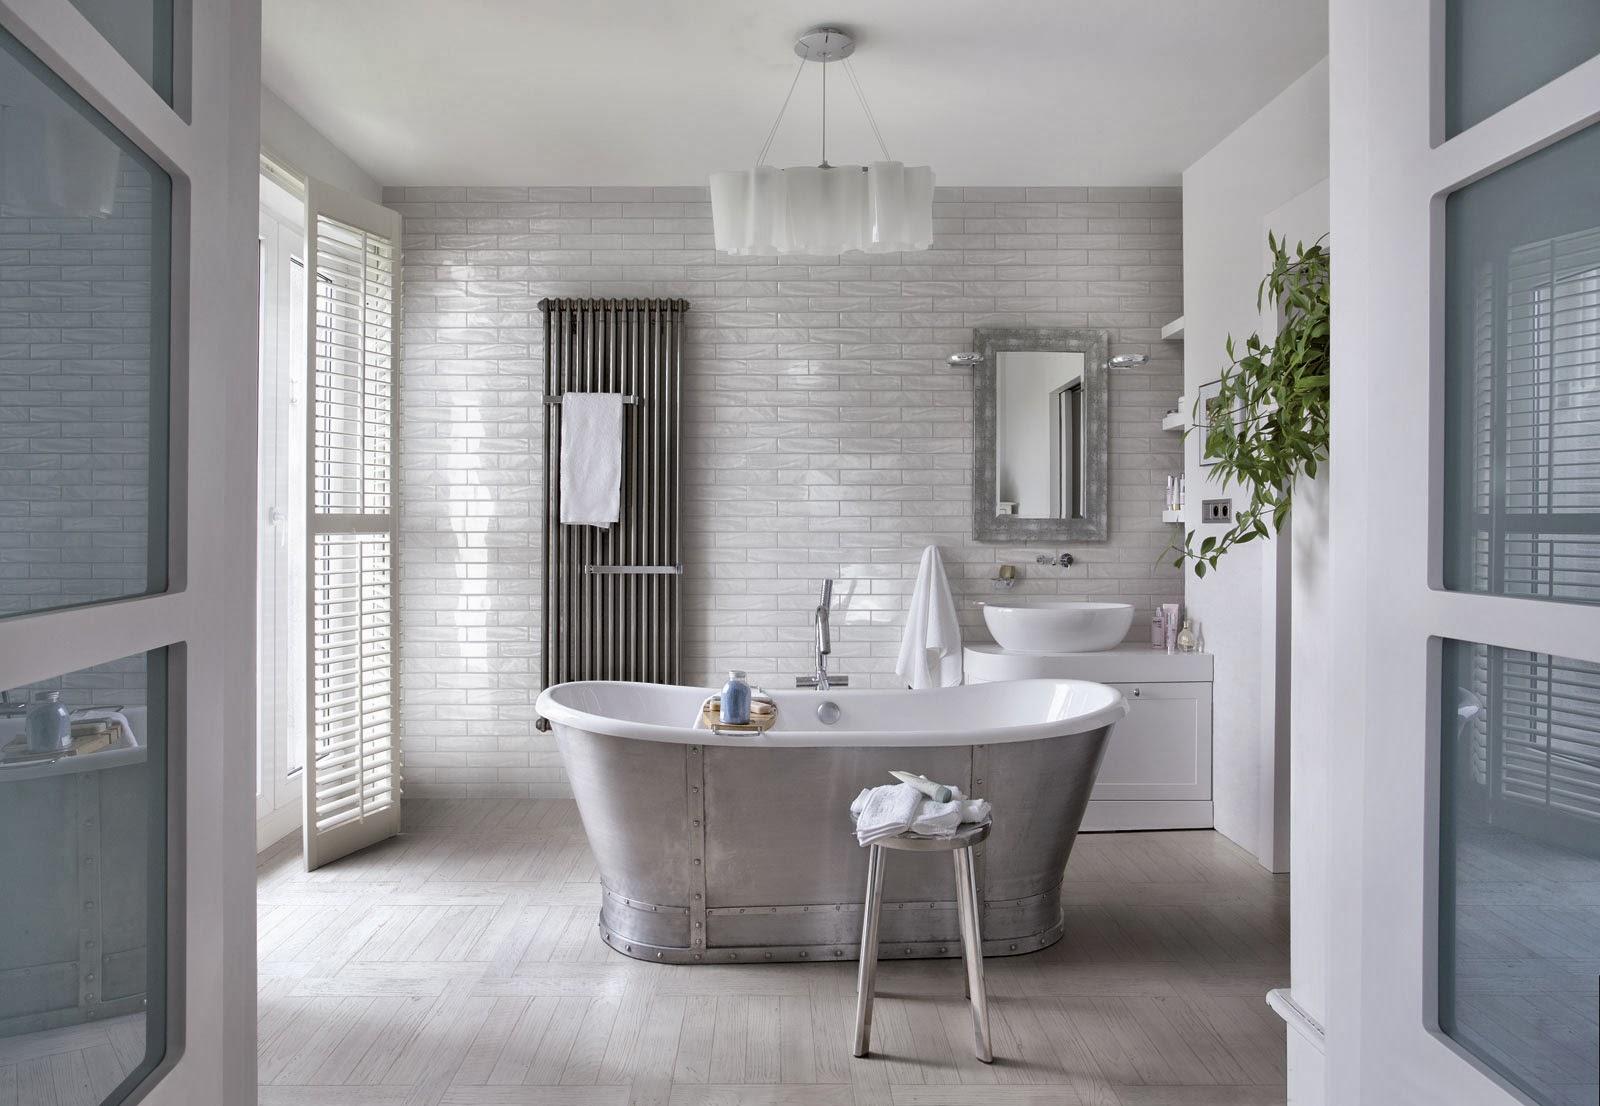 Façons De Se Créer Une Salle De Bains Zen Elle Décoration - Idee carrelage salle de bain zen